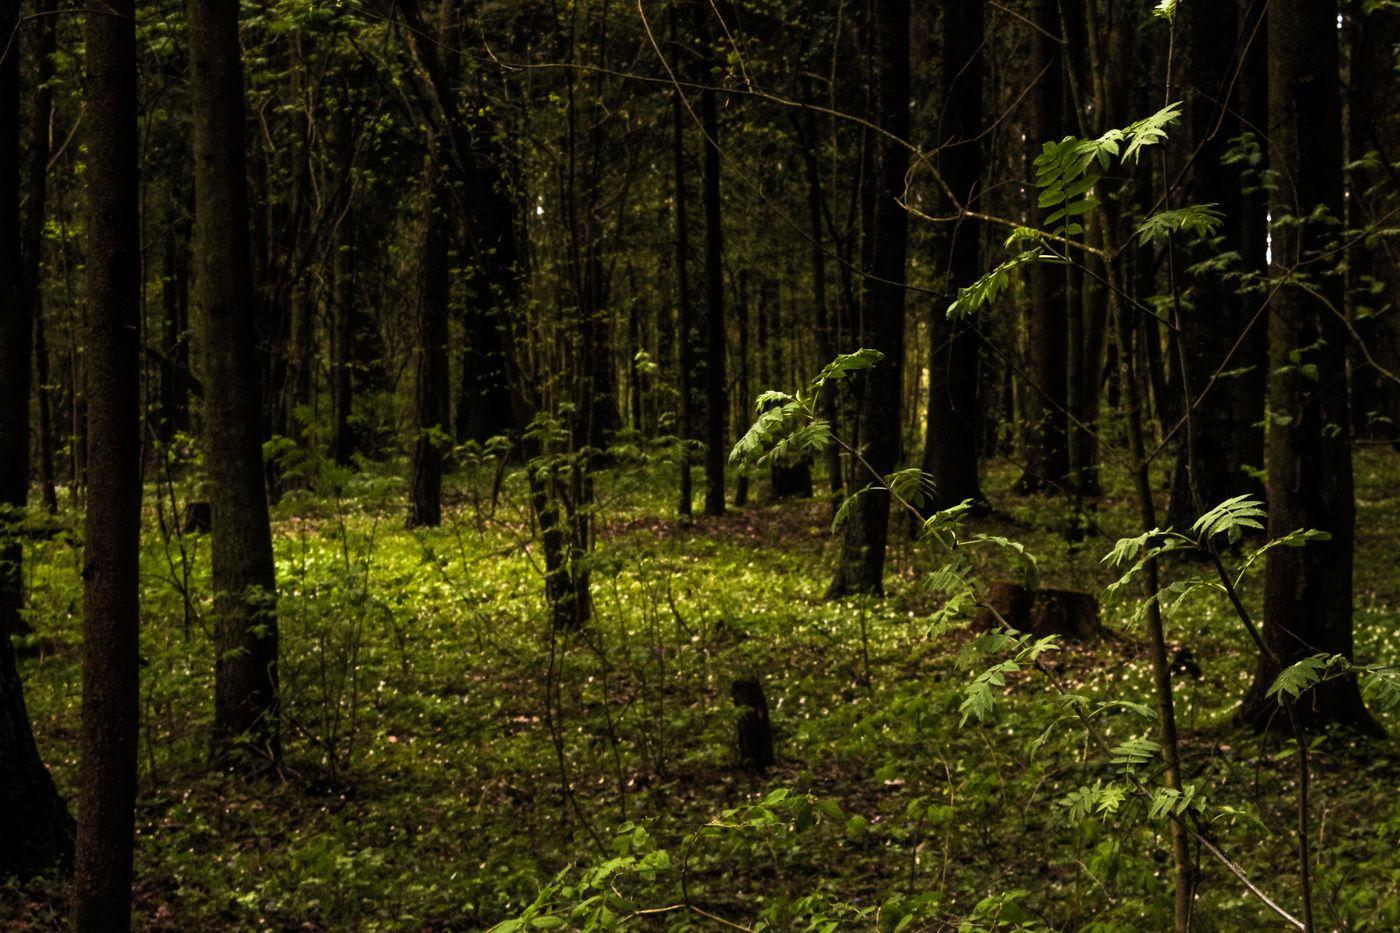 елка фото в лесу: 11 тыс изображений найдено в Яндекс ...